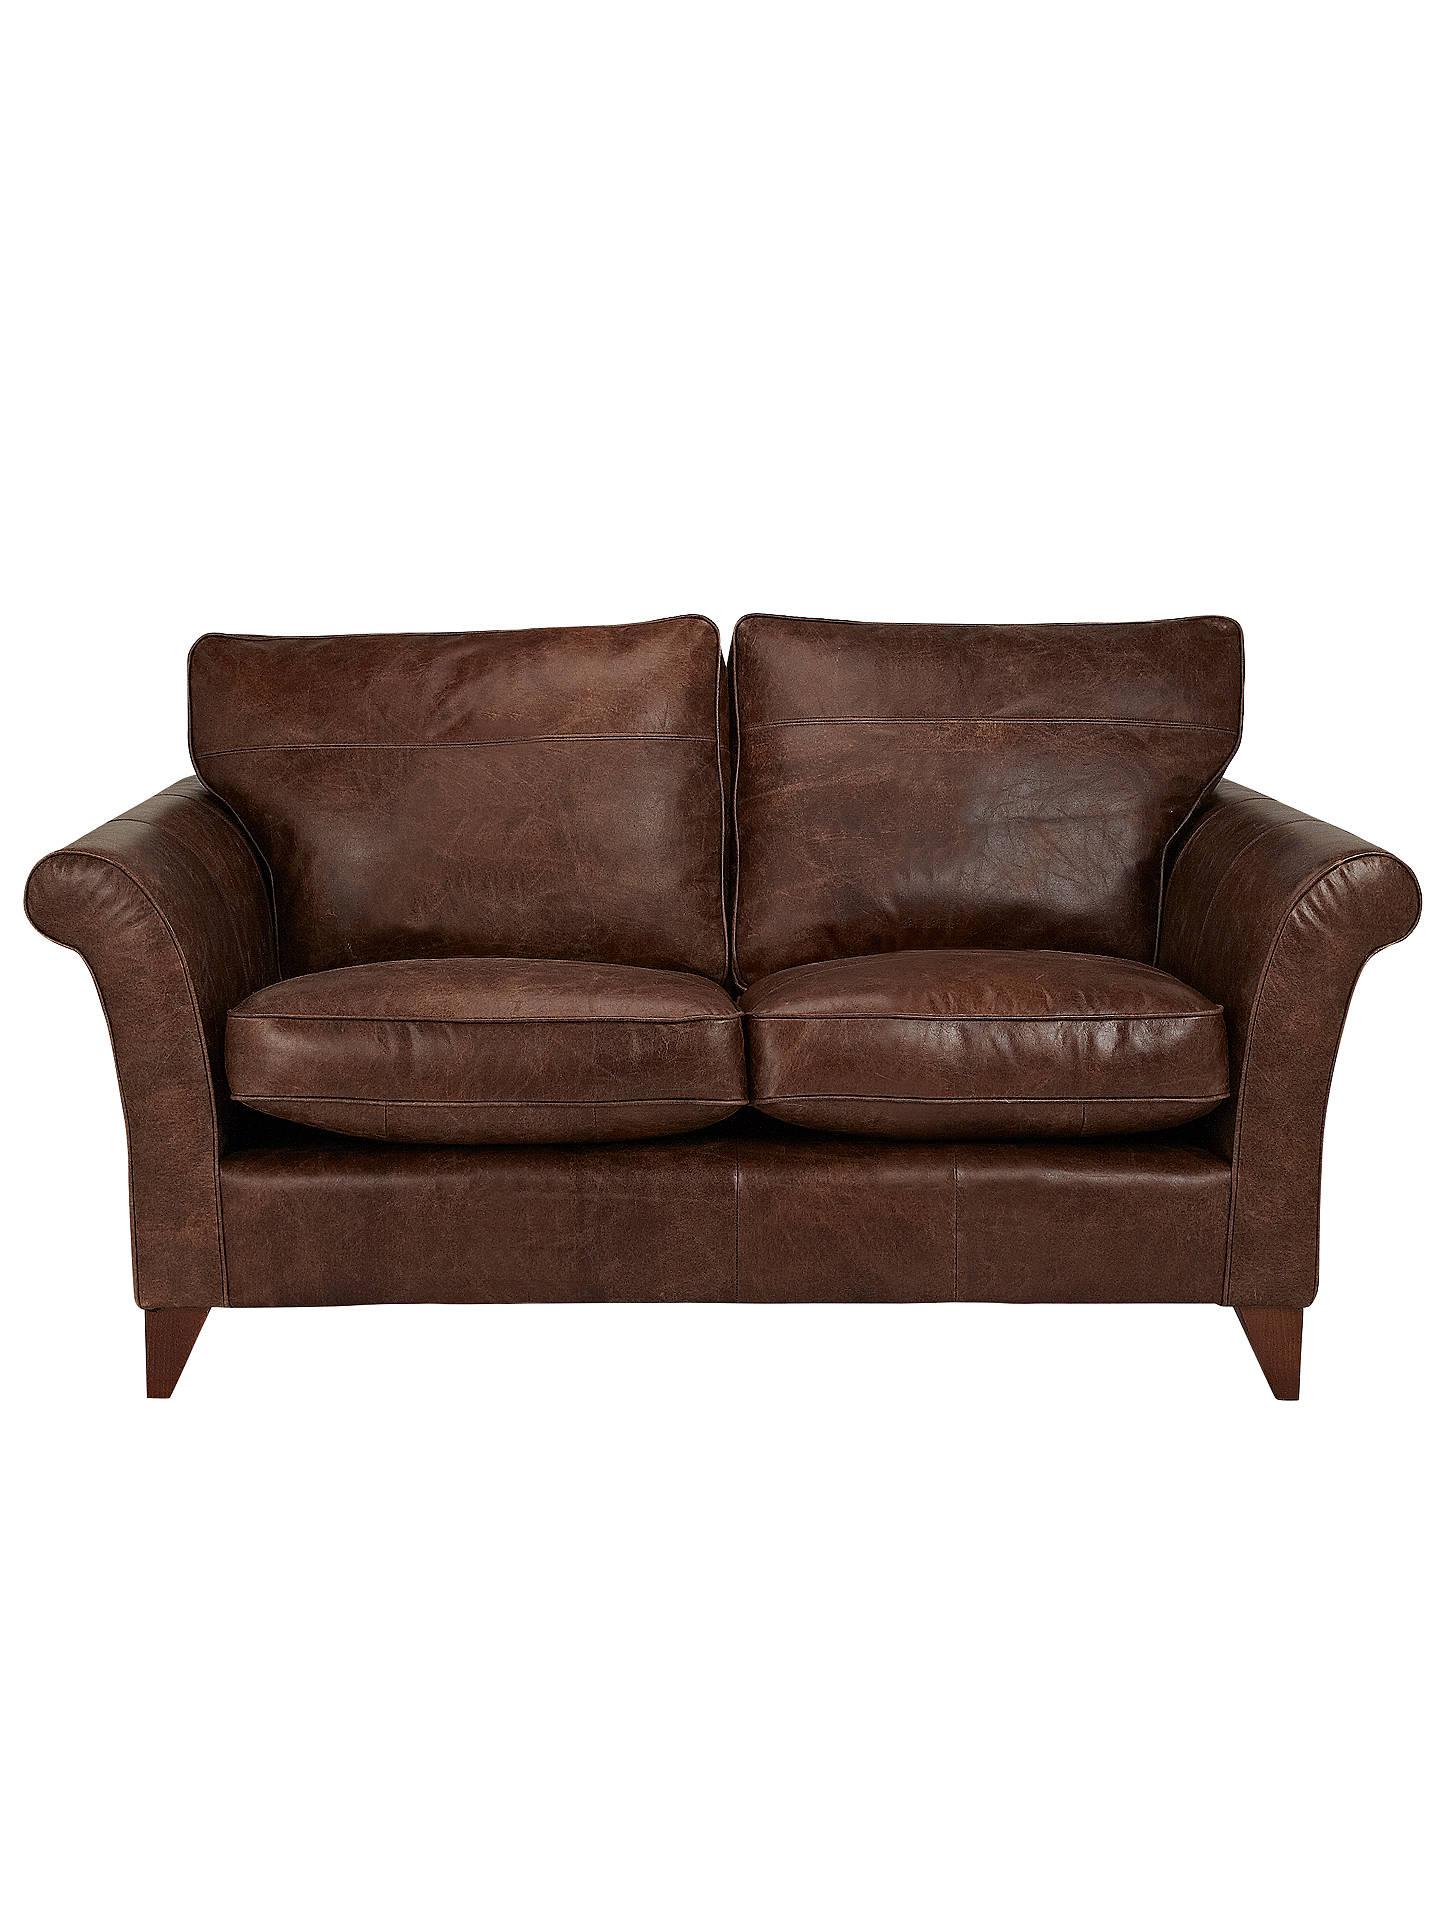 john lewis charlotte sofa leather. Black Bedroom Furniture Sets. Home Design Ideas